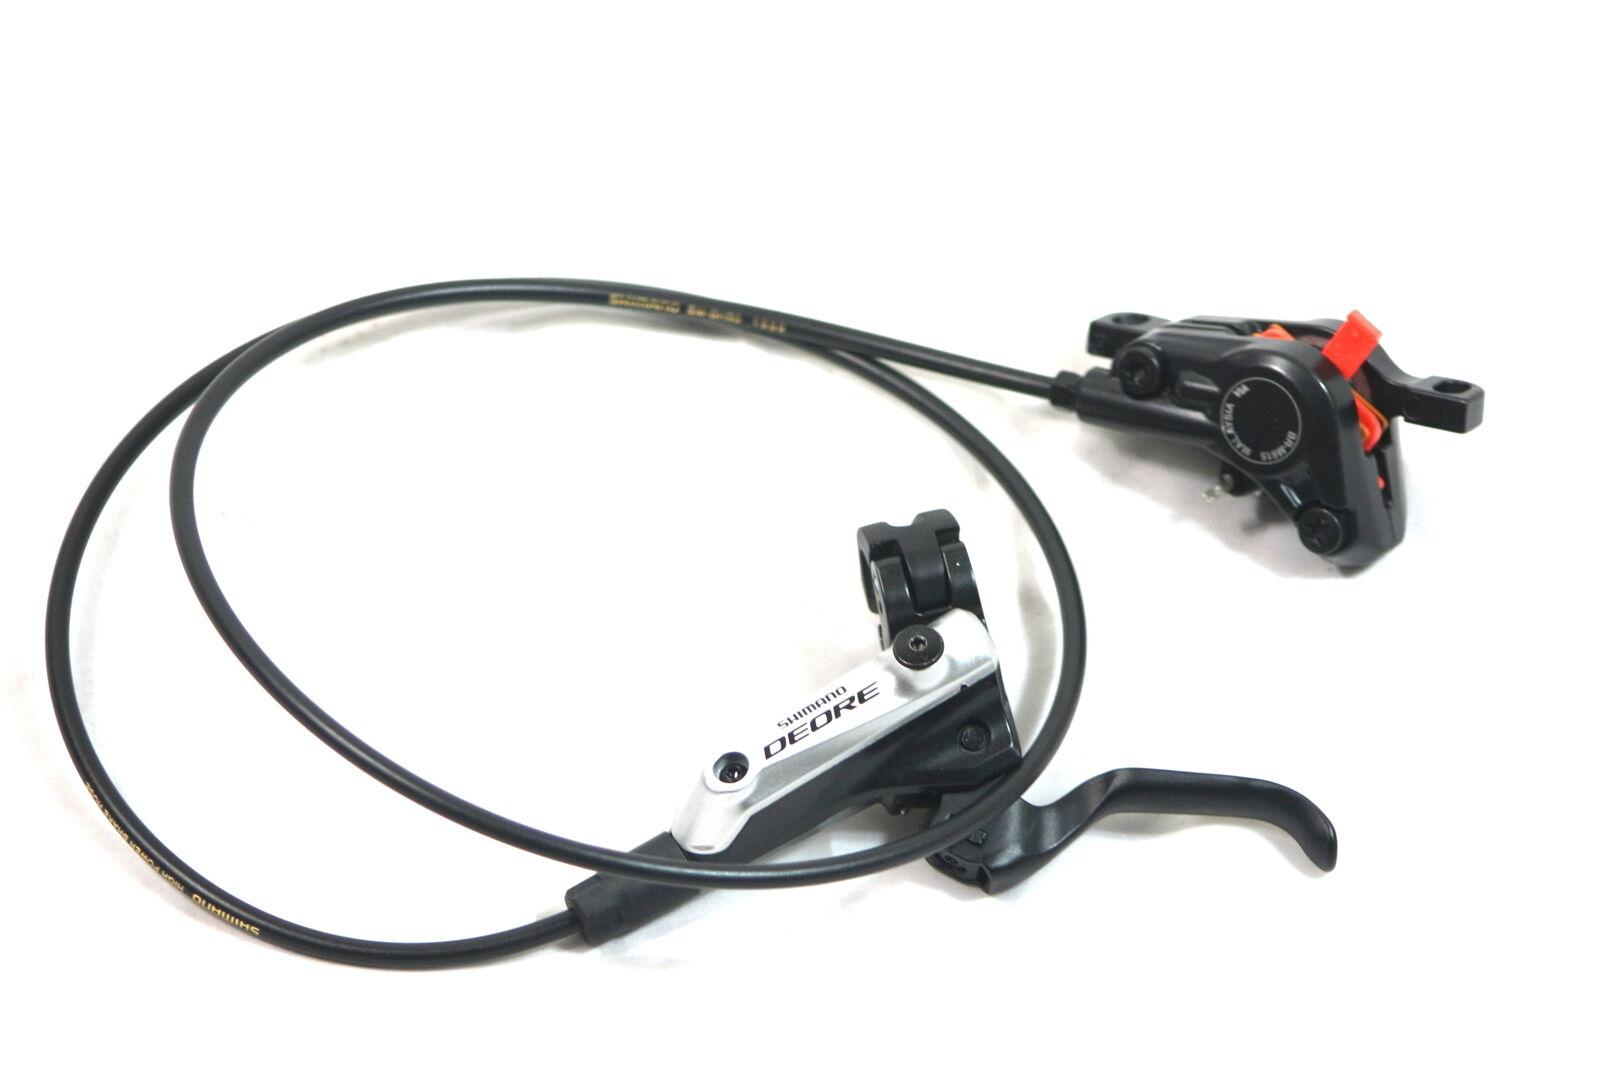 Scheibenbremse Shimano BL BR-M615 I-Spec B Vo ohne Bremsscheibe